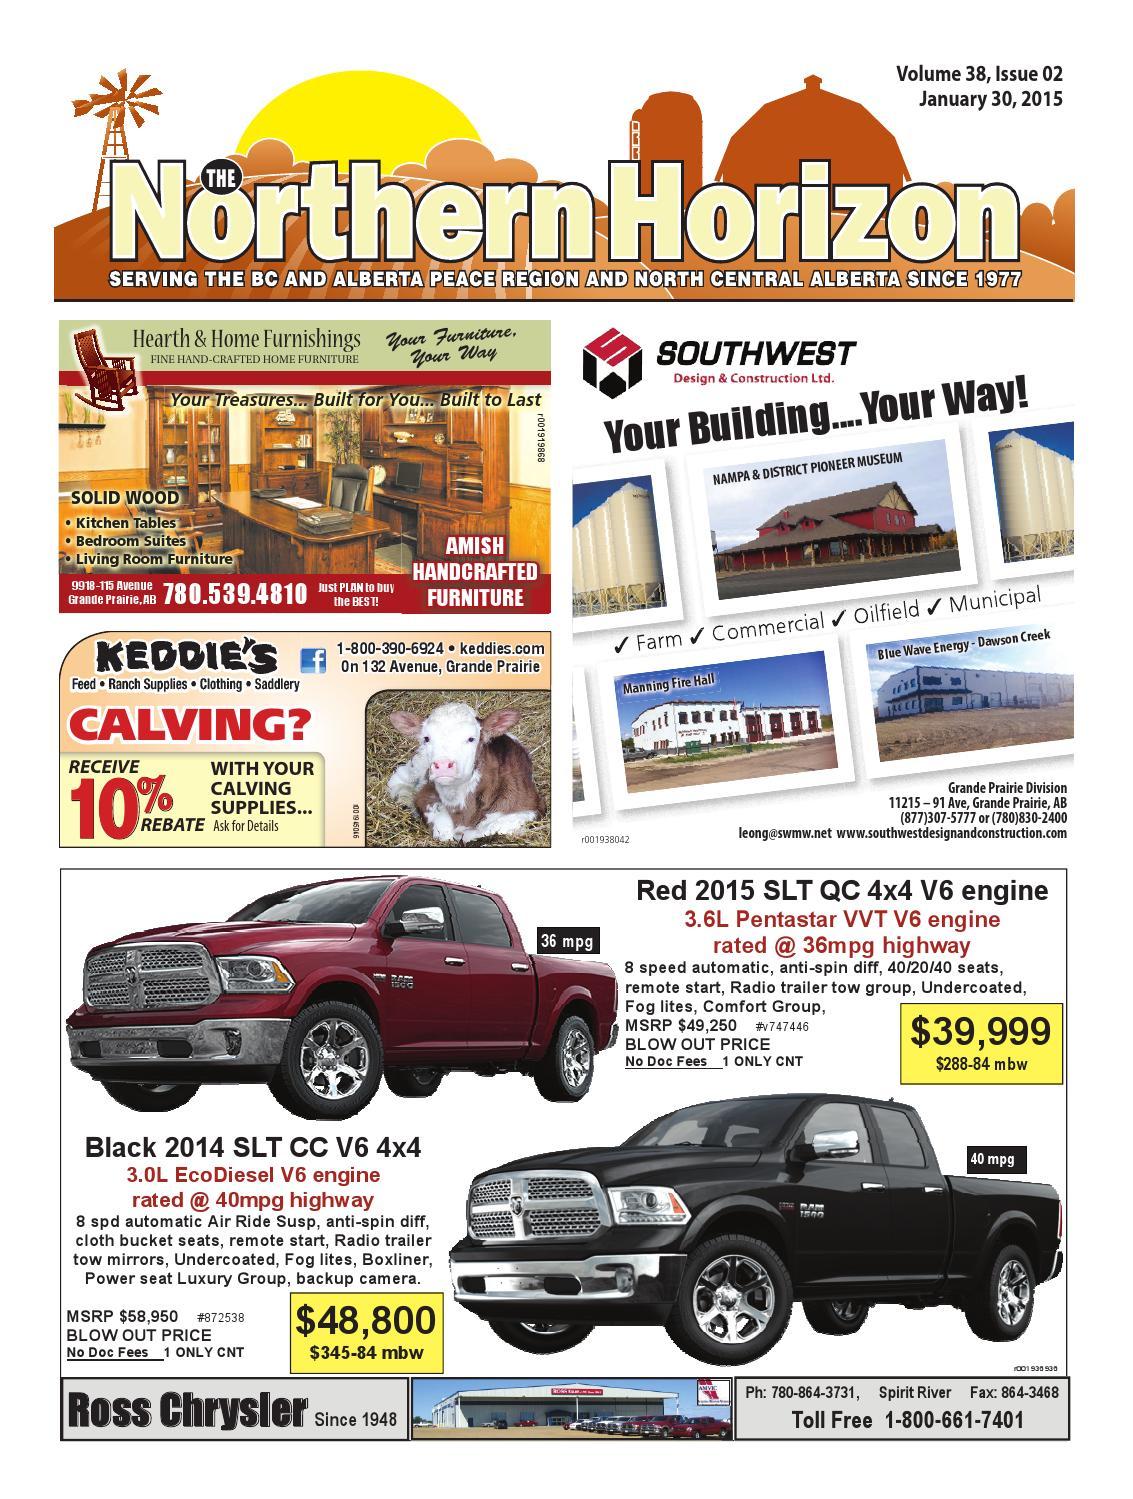 Northern Horizon January 30 2015 By The Northern Horizon